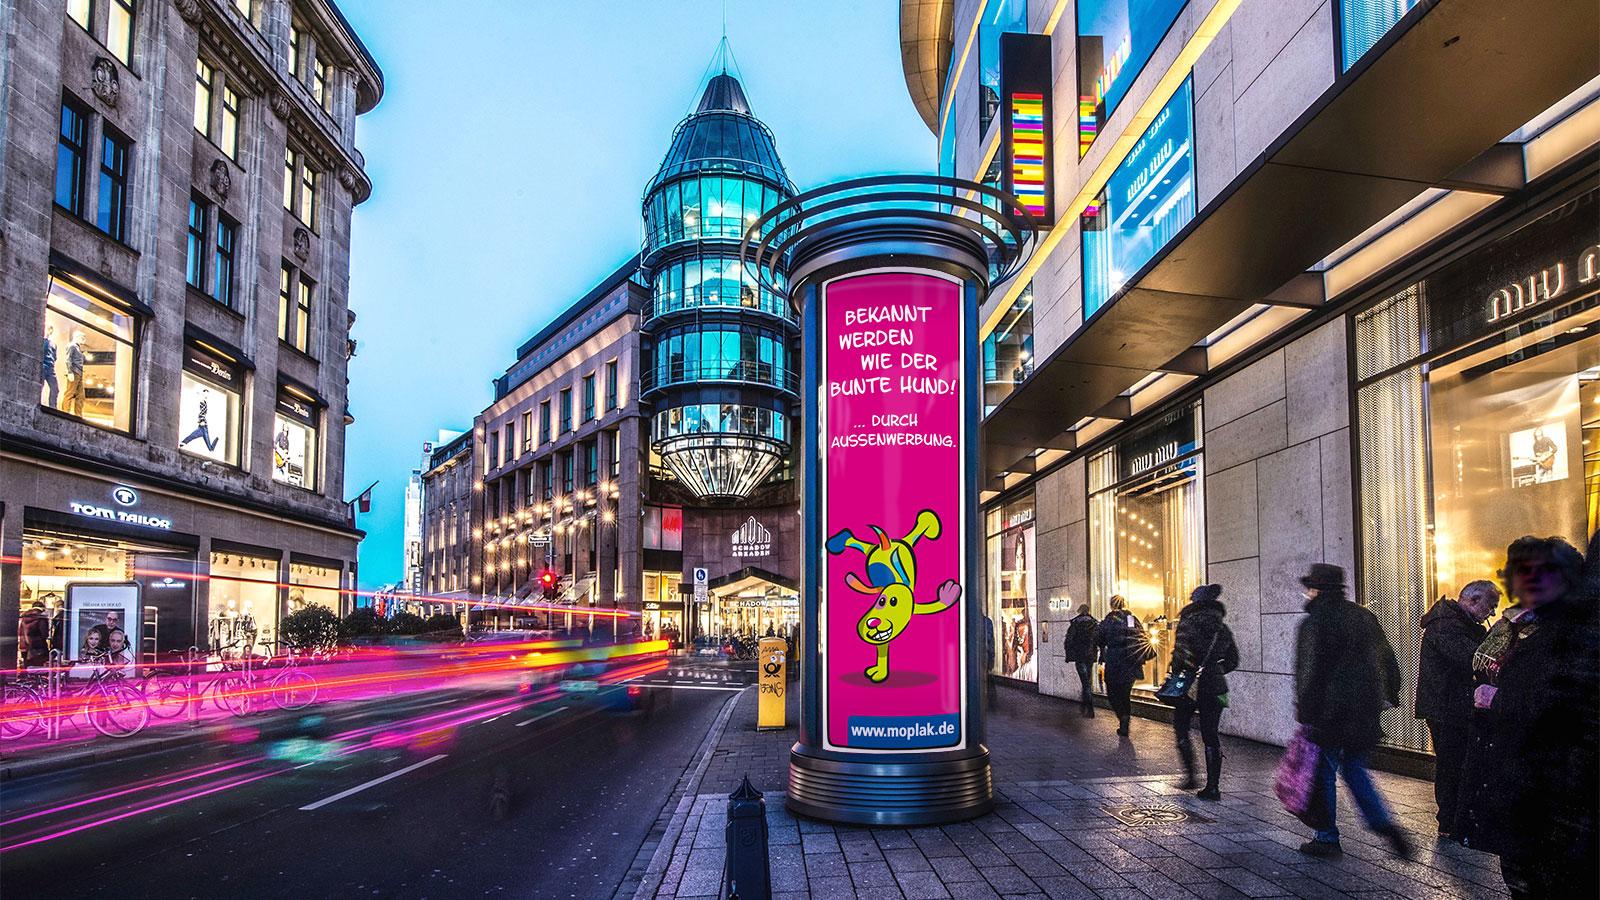 Leverkusen-Aussenwerbung-Litfasssaeule-Werbung